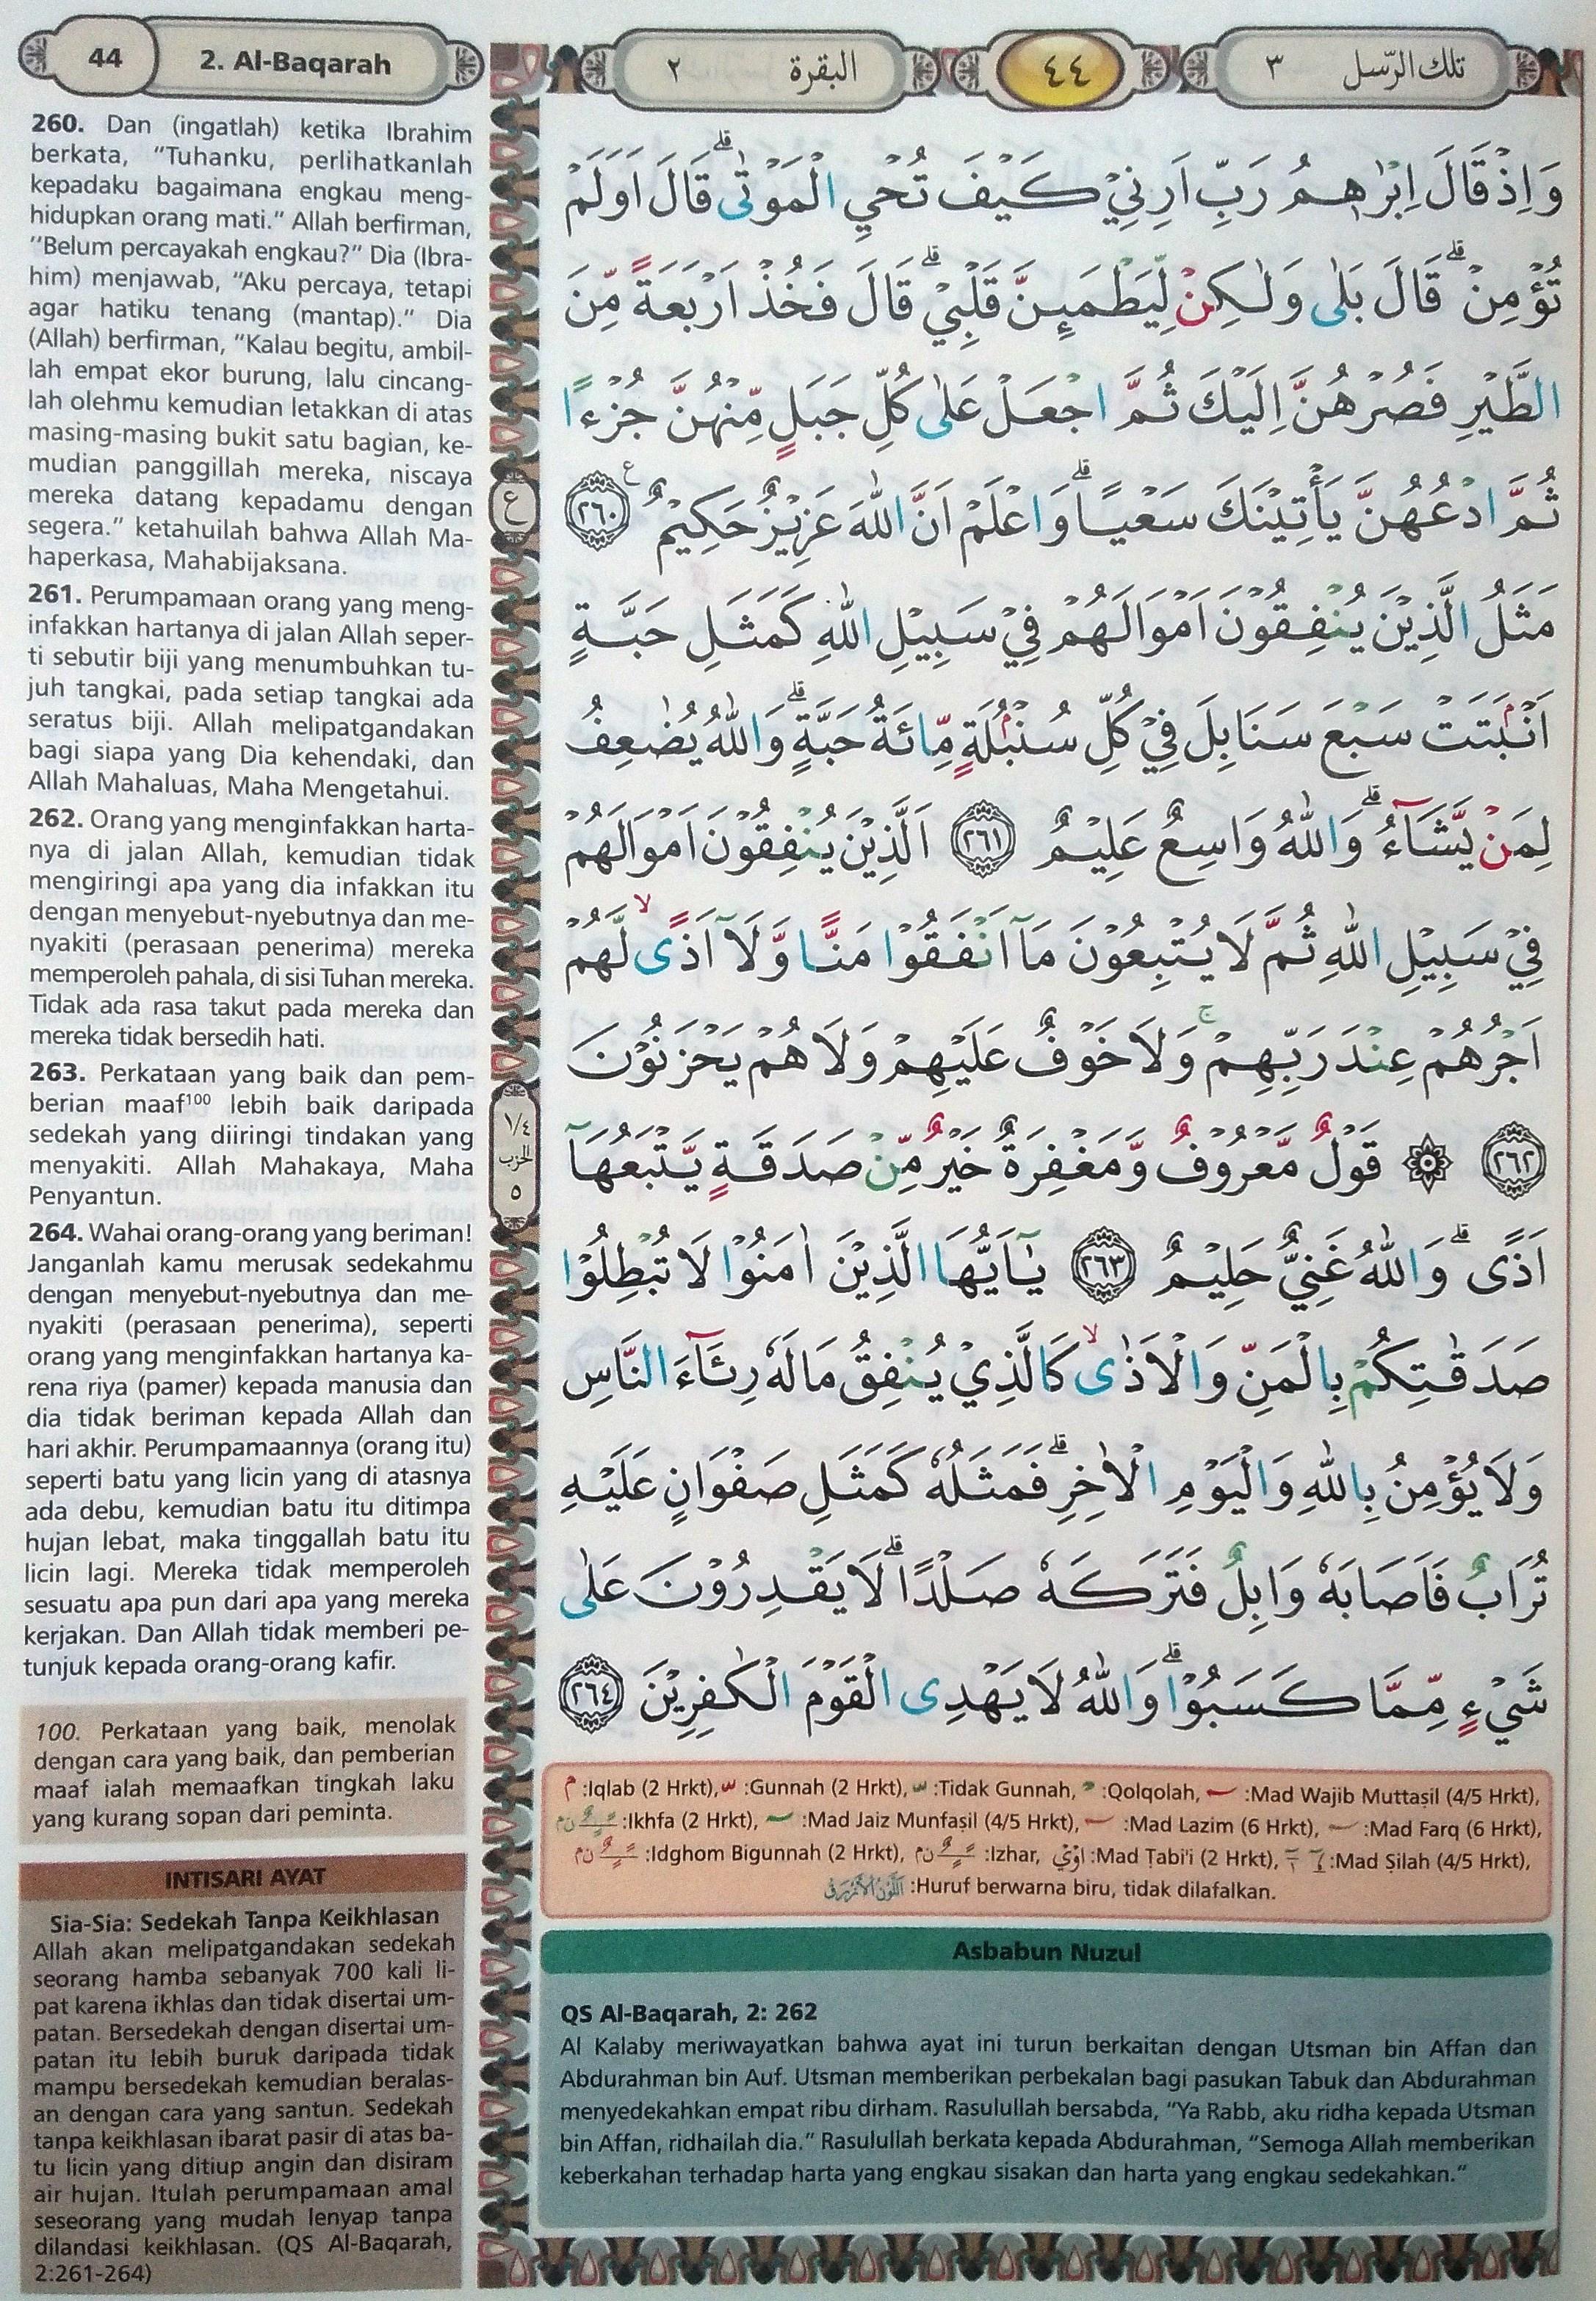 Al Baqarah 260-264